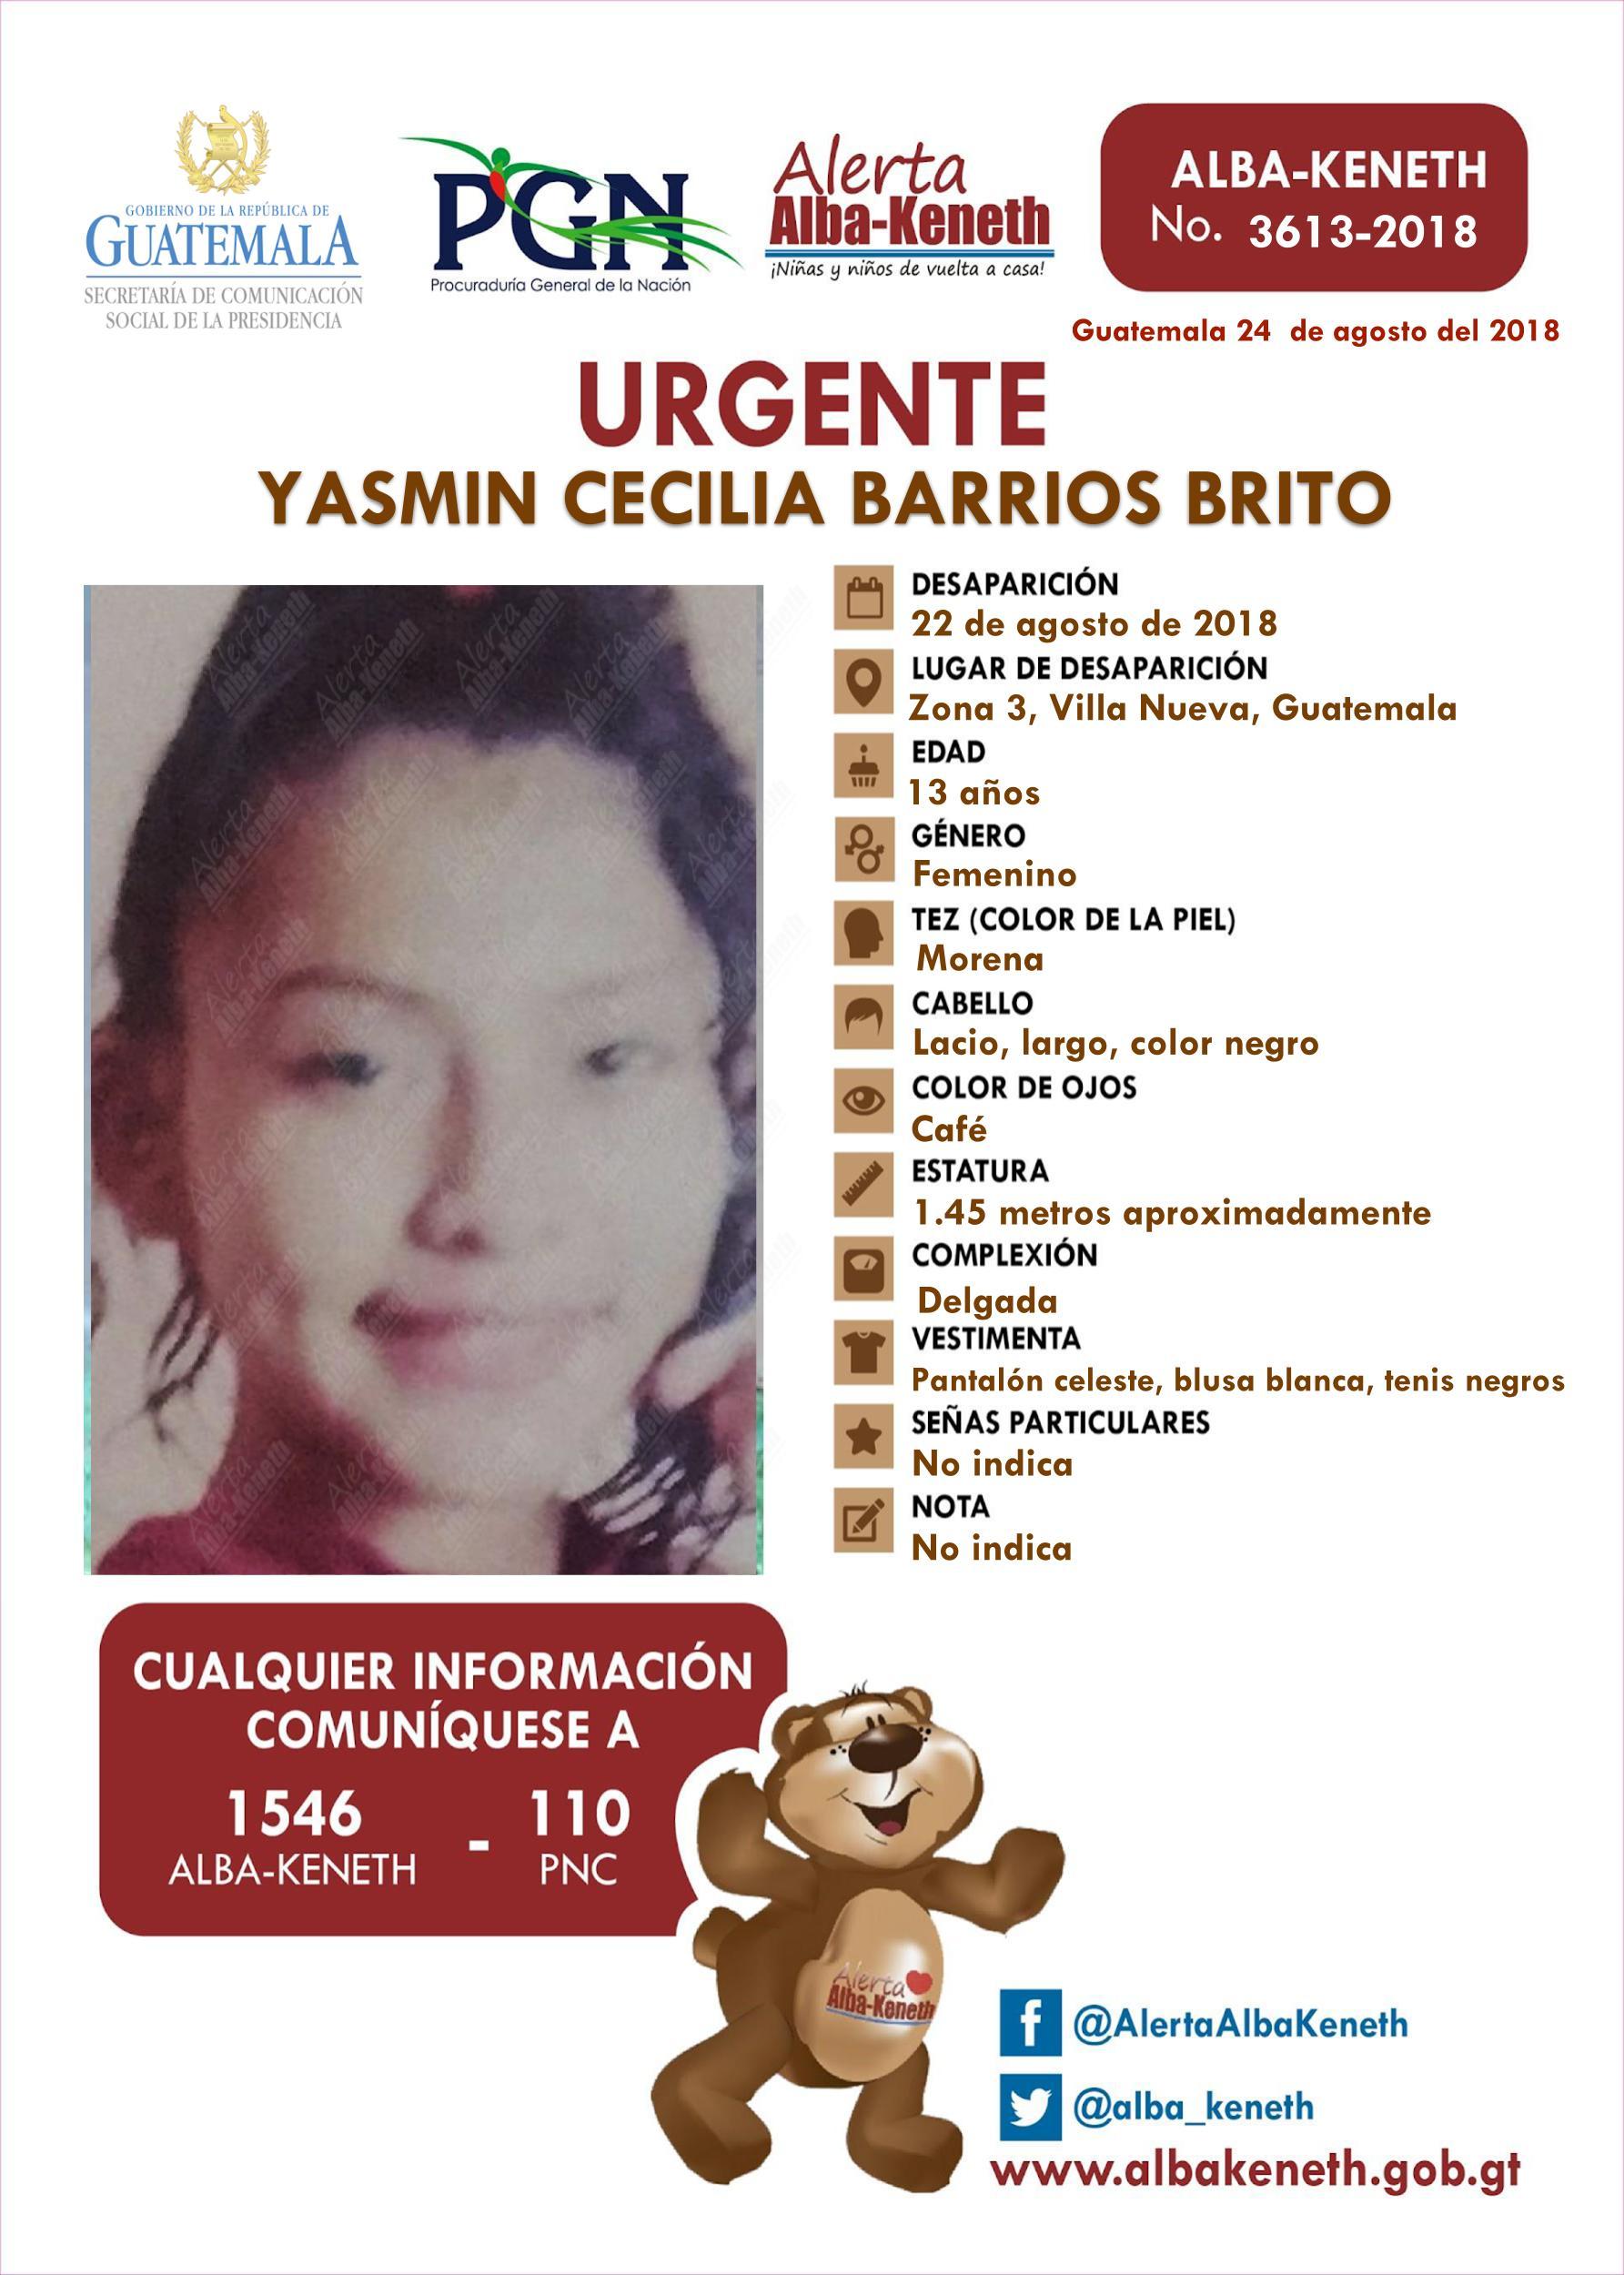 Yasmin Cecilia Barios Brito